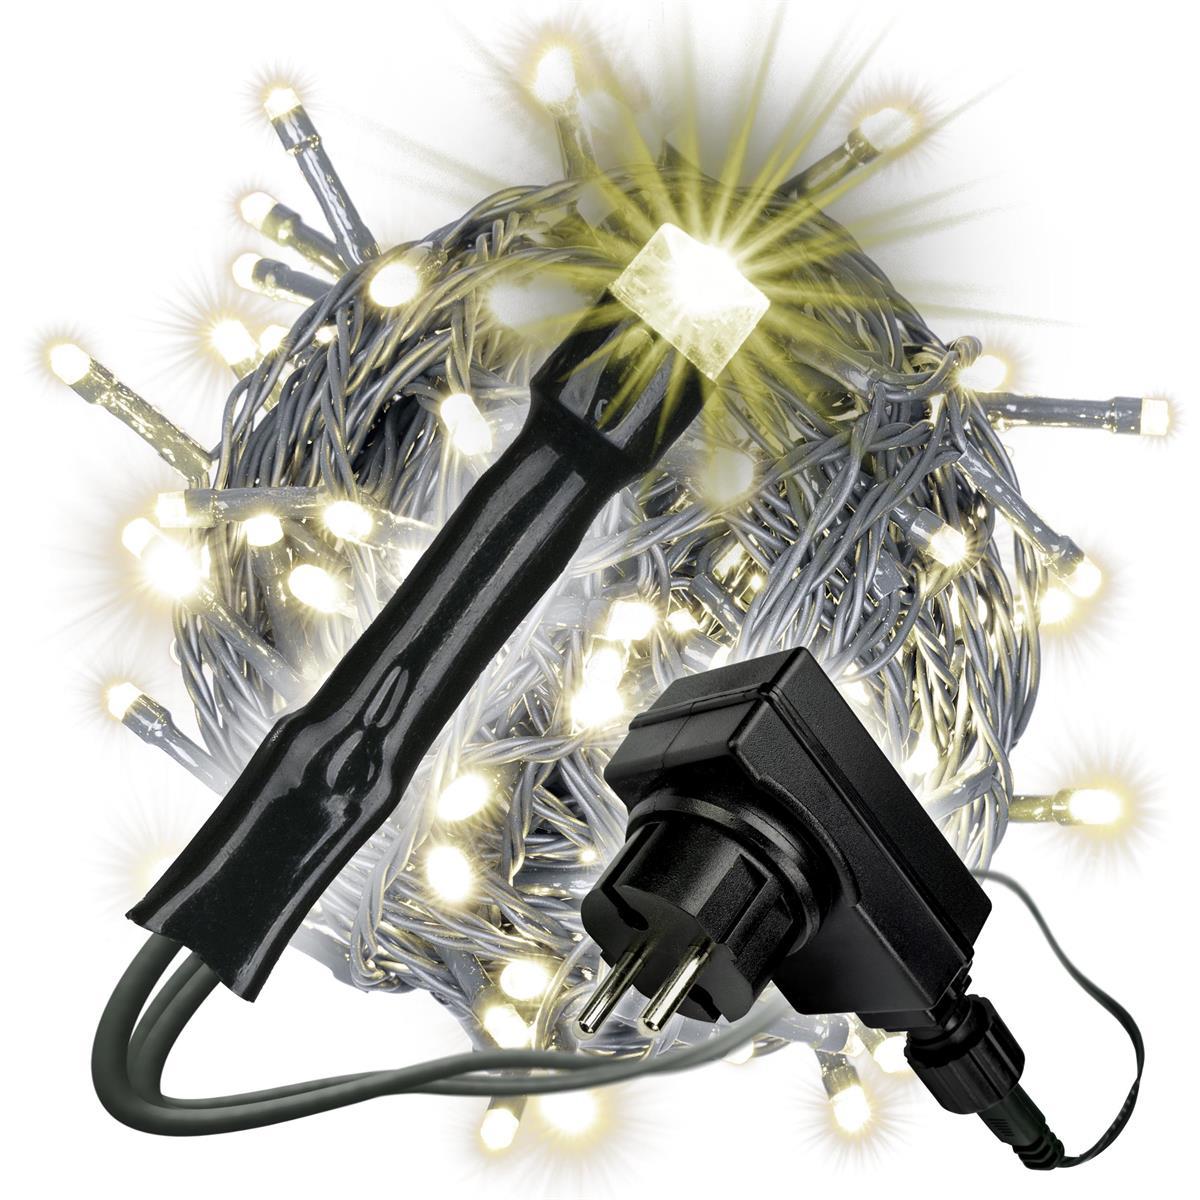 300 LED Lichterkette warm weiß grünes Kabel Trafo Timer Xmas Weihnachten